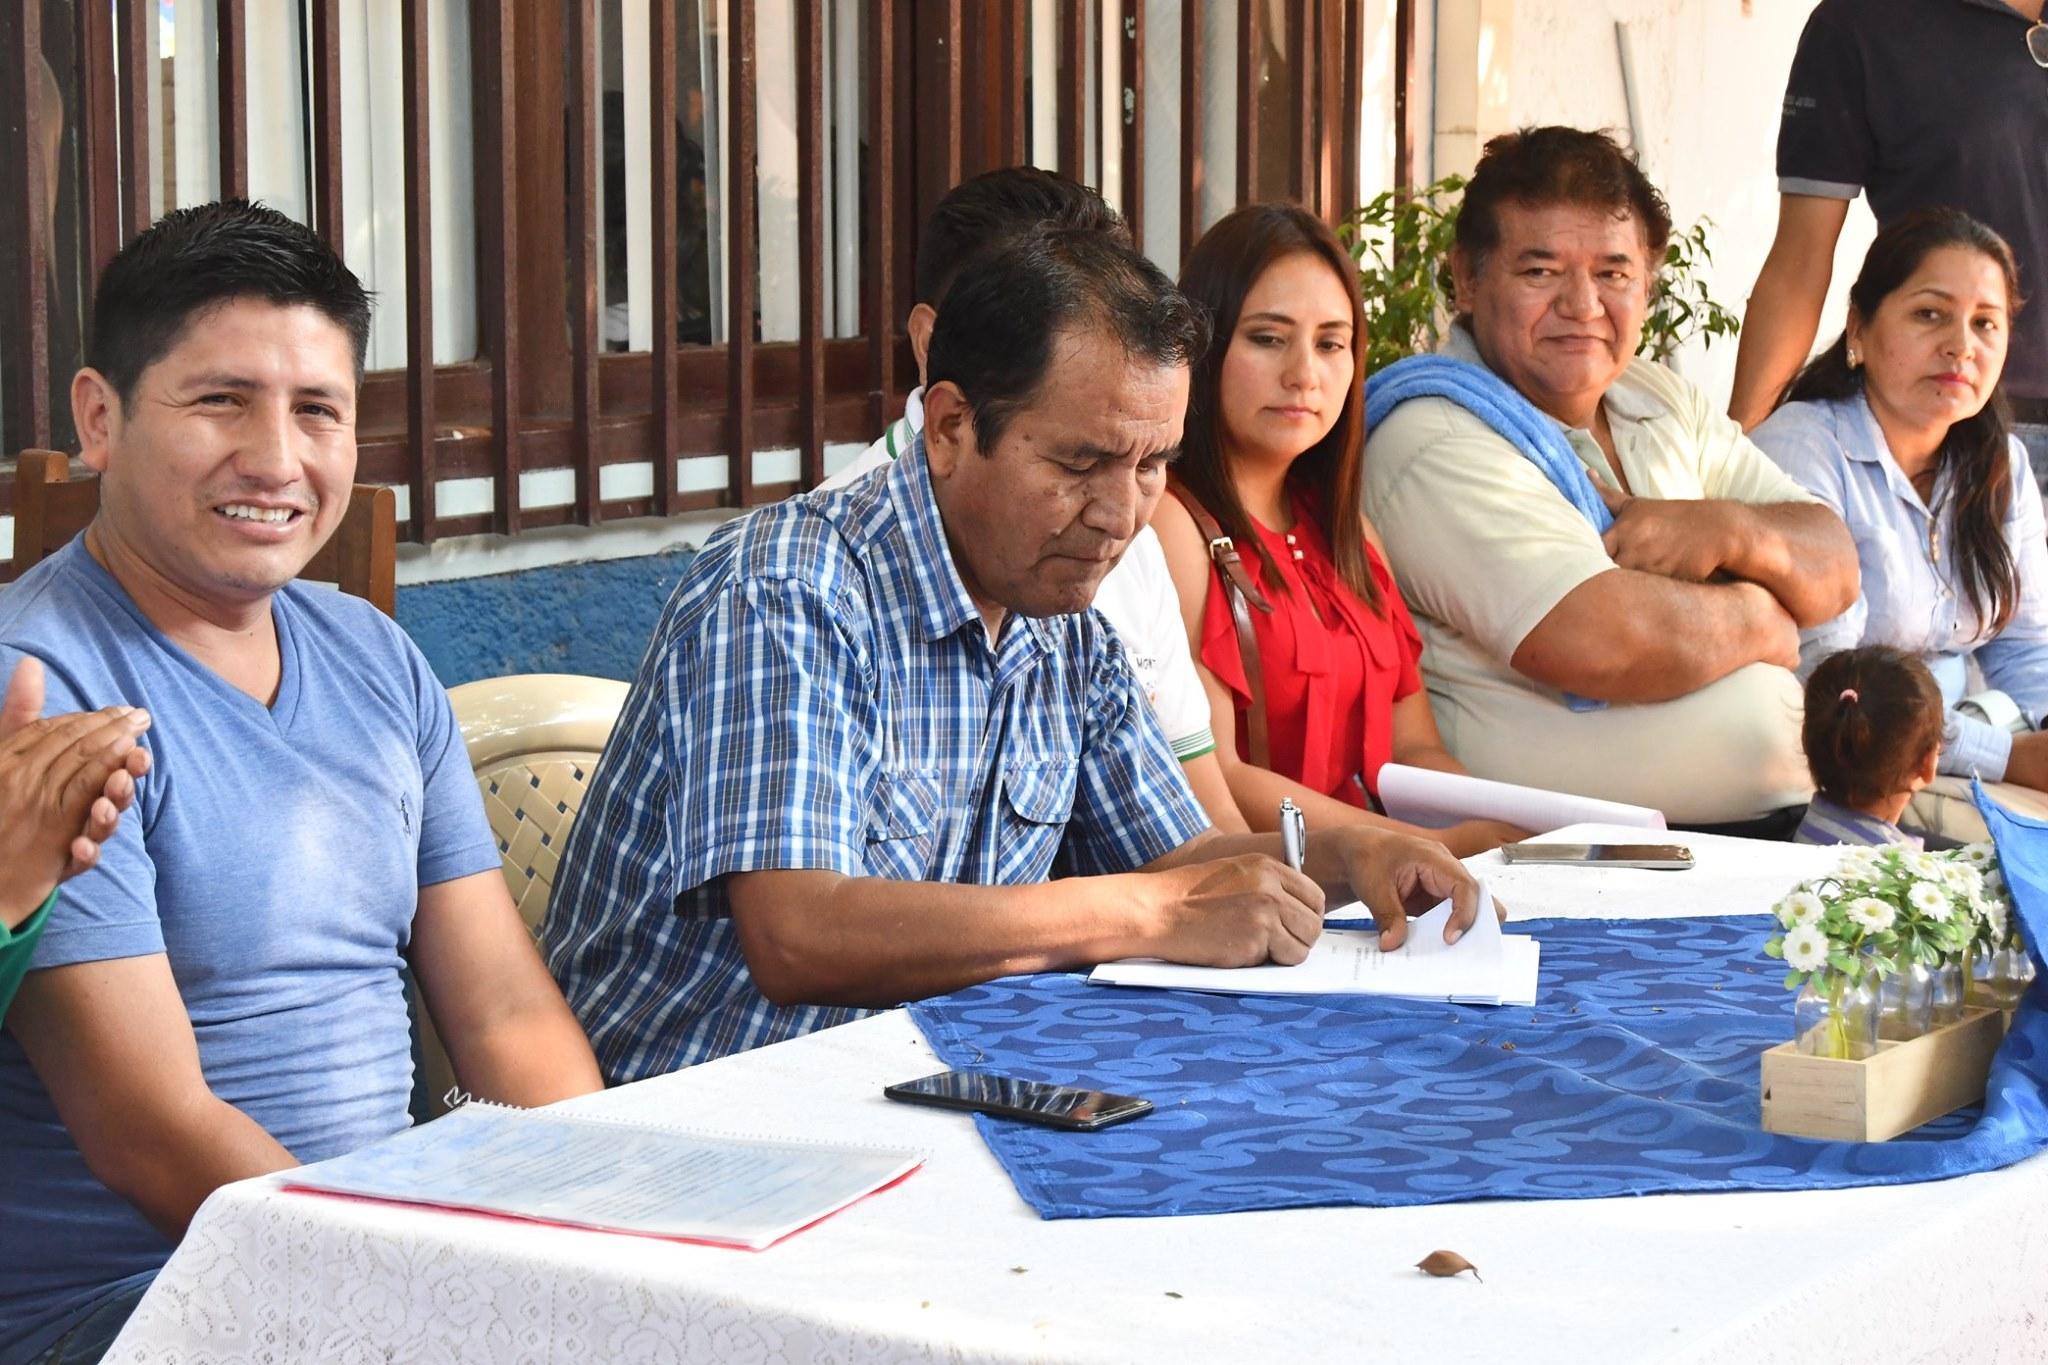 Alcalde Mario Baptista promulgó la Ley de alimentación nutritiva y saludable para una vida sana.